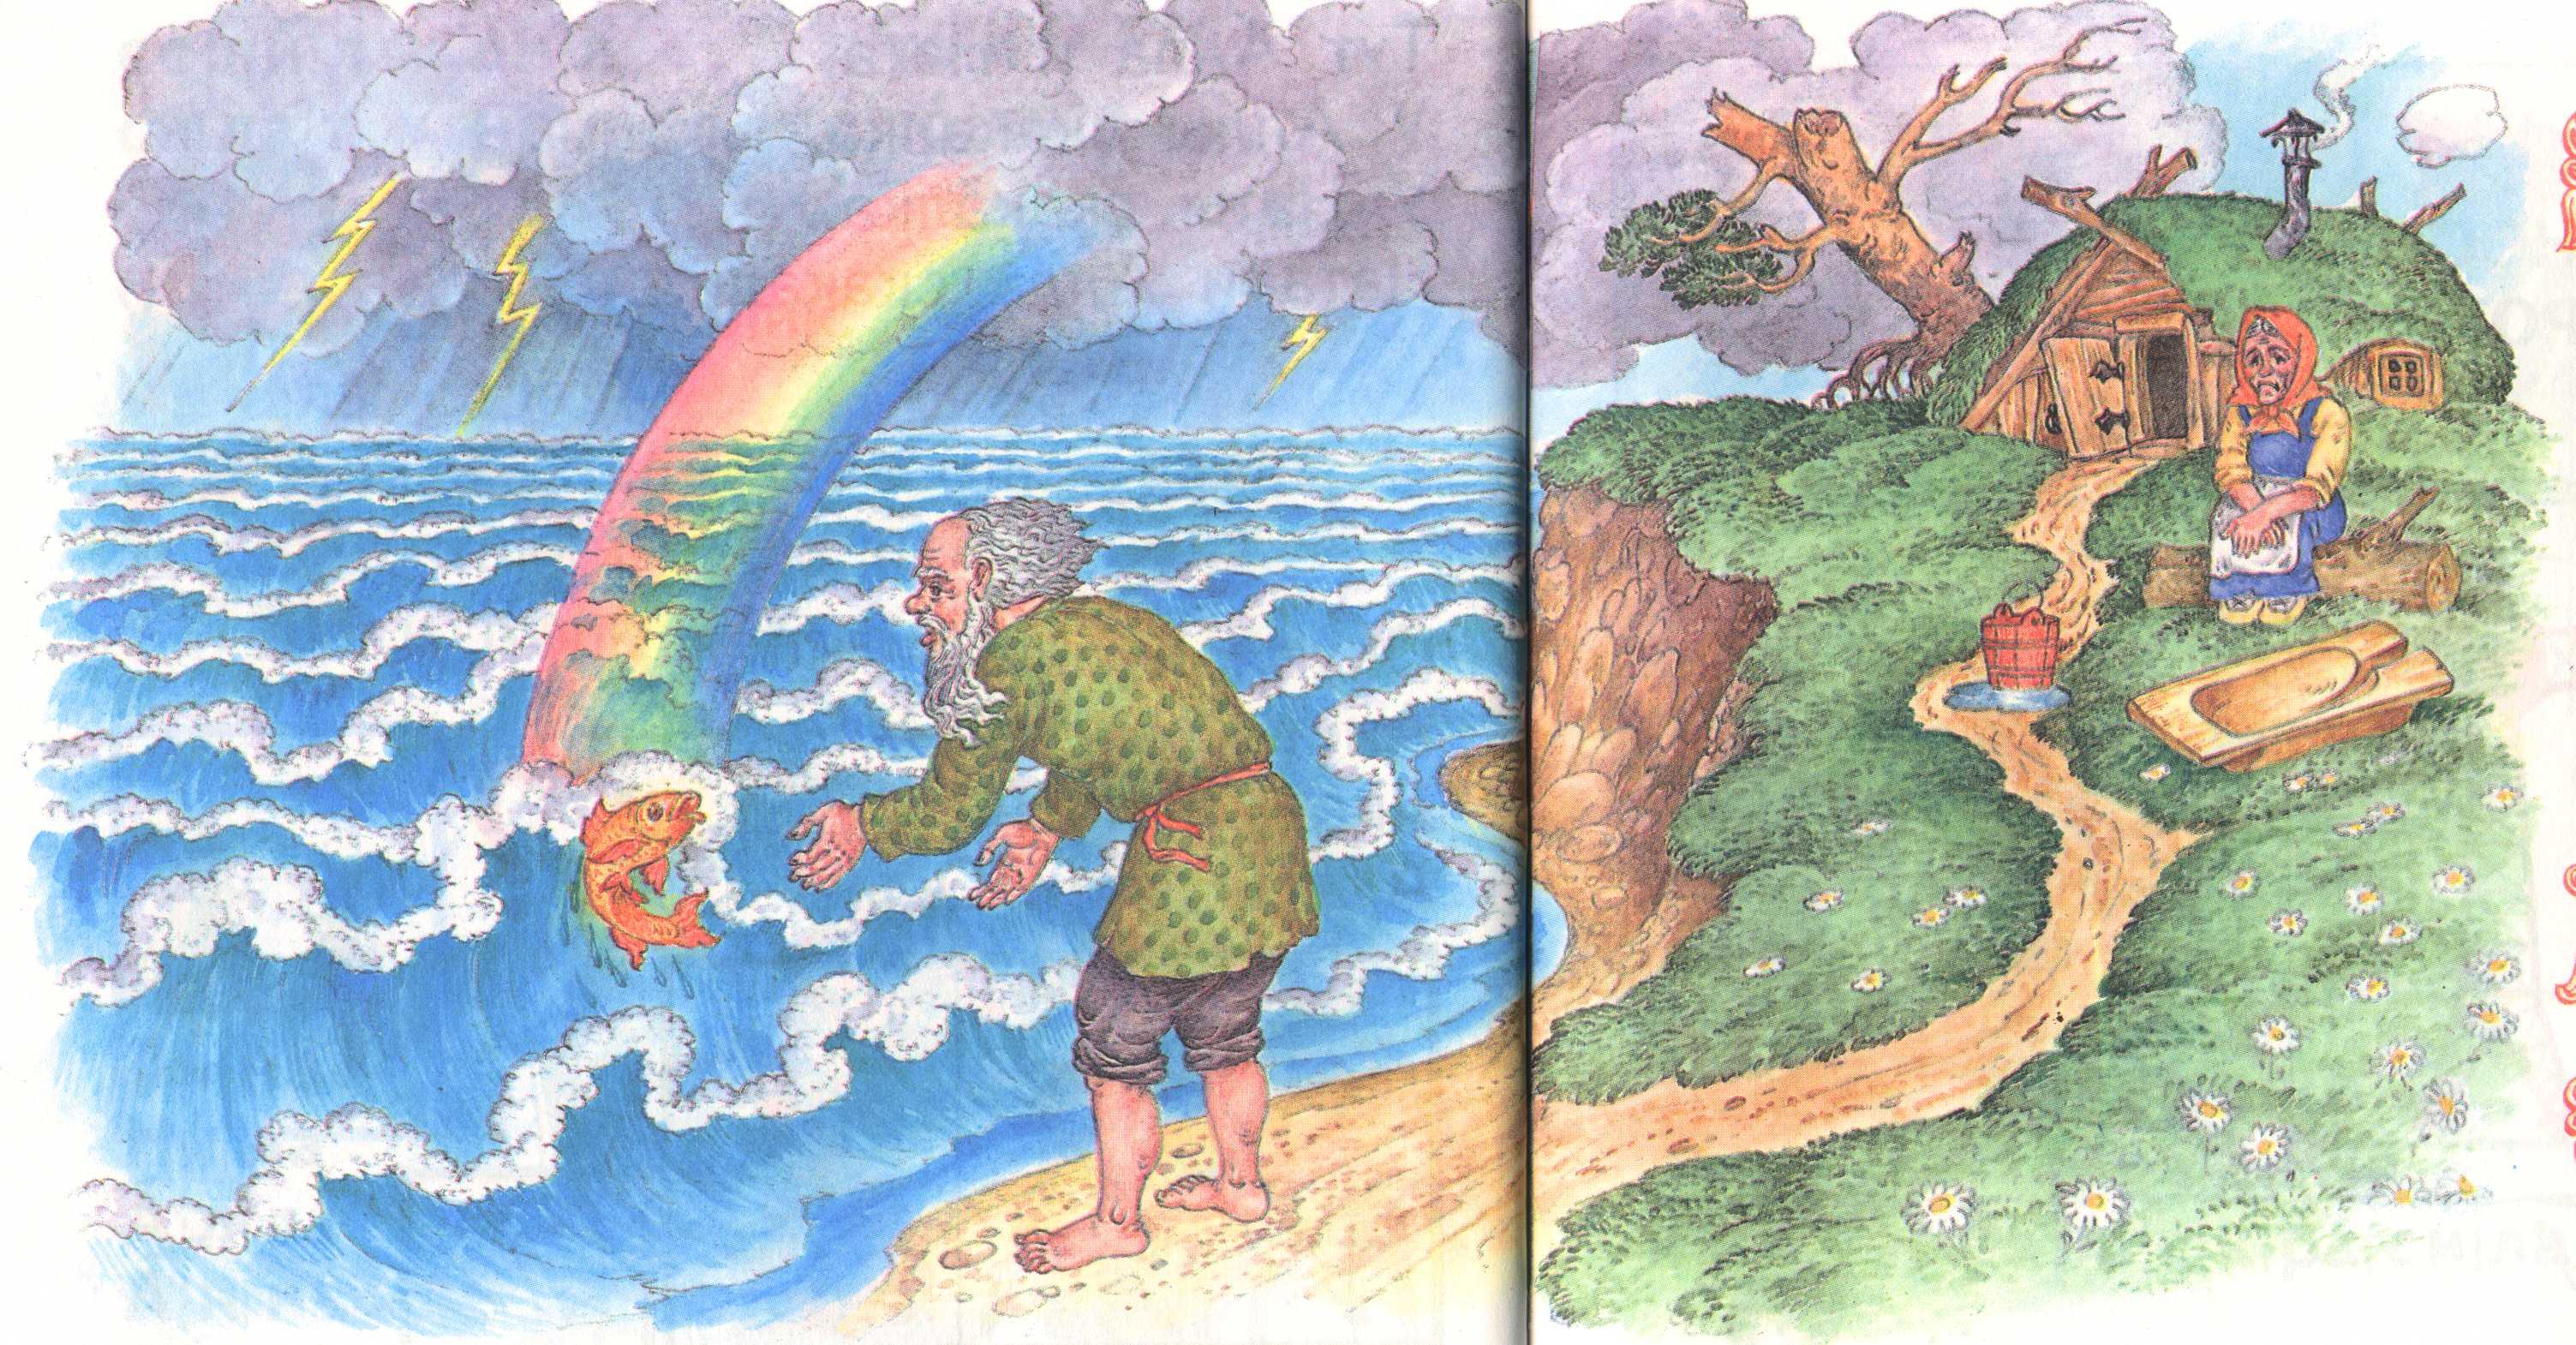 нарисовать рисунок к сказке пушкина о рыбаке и рыбке